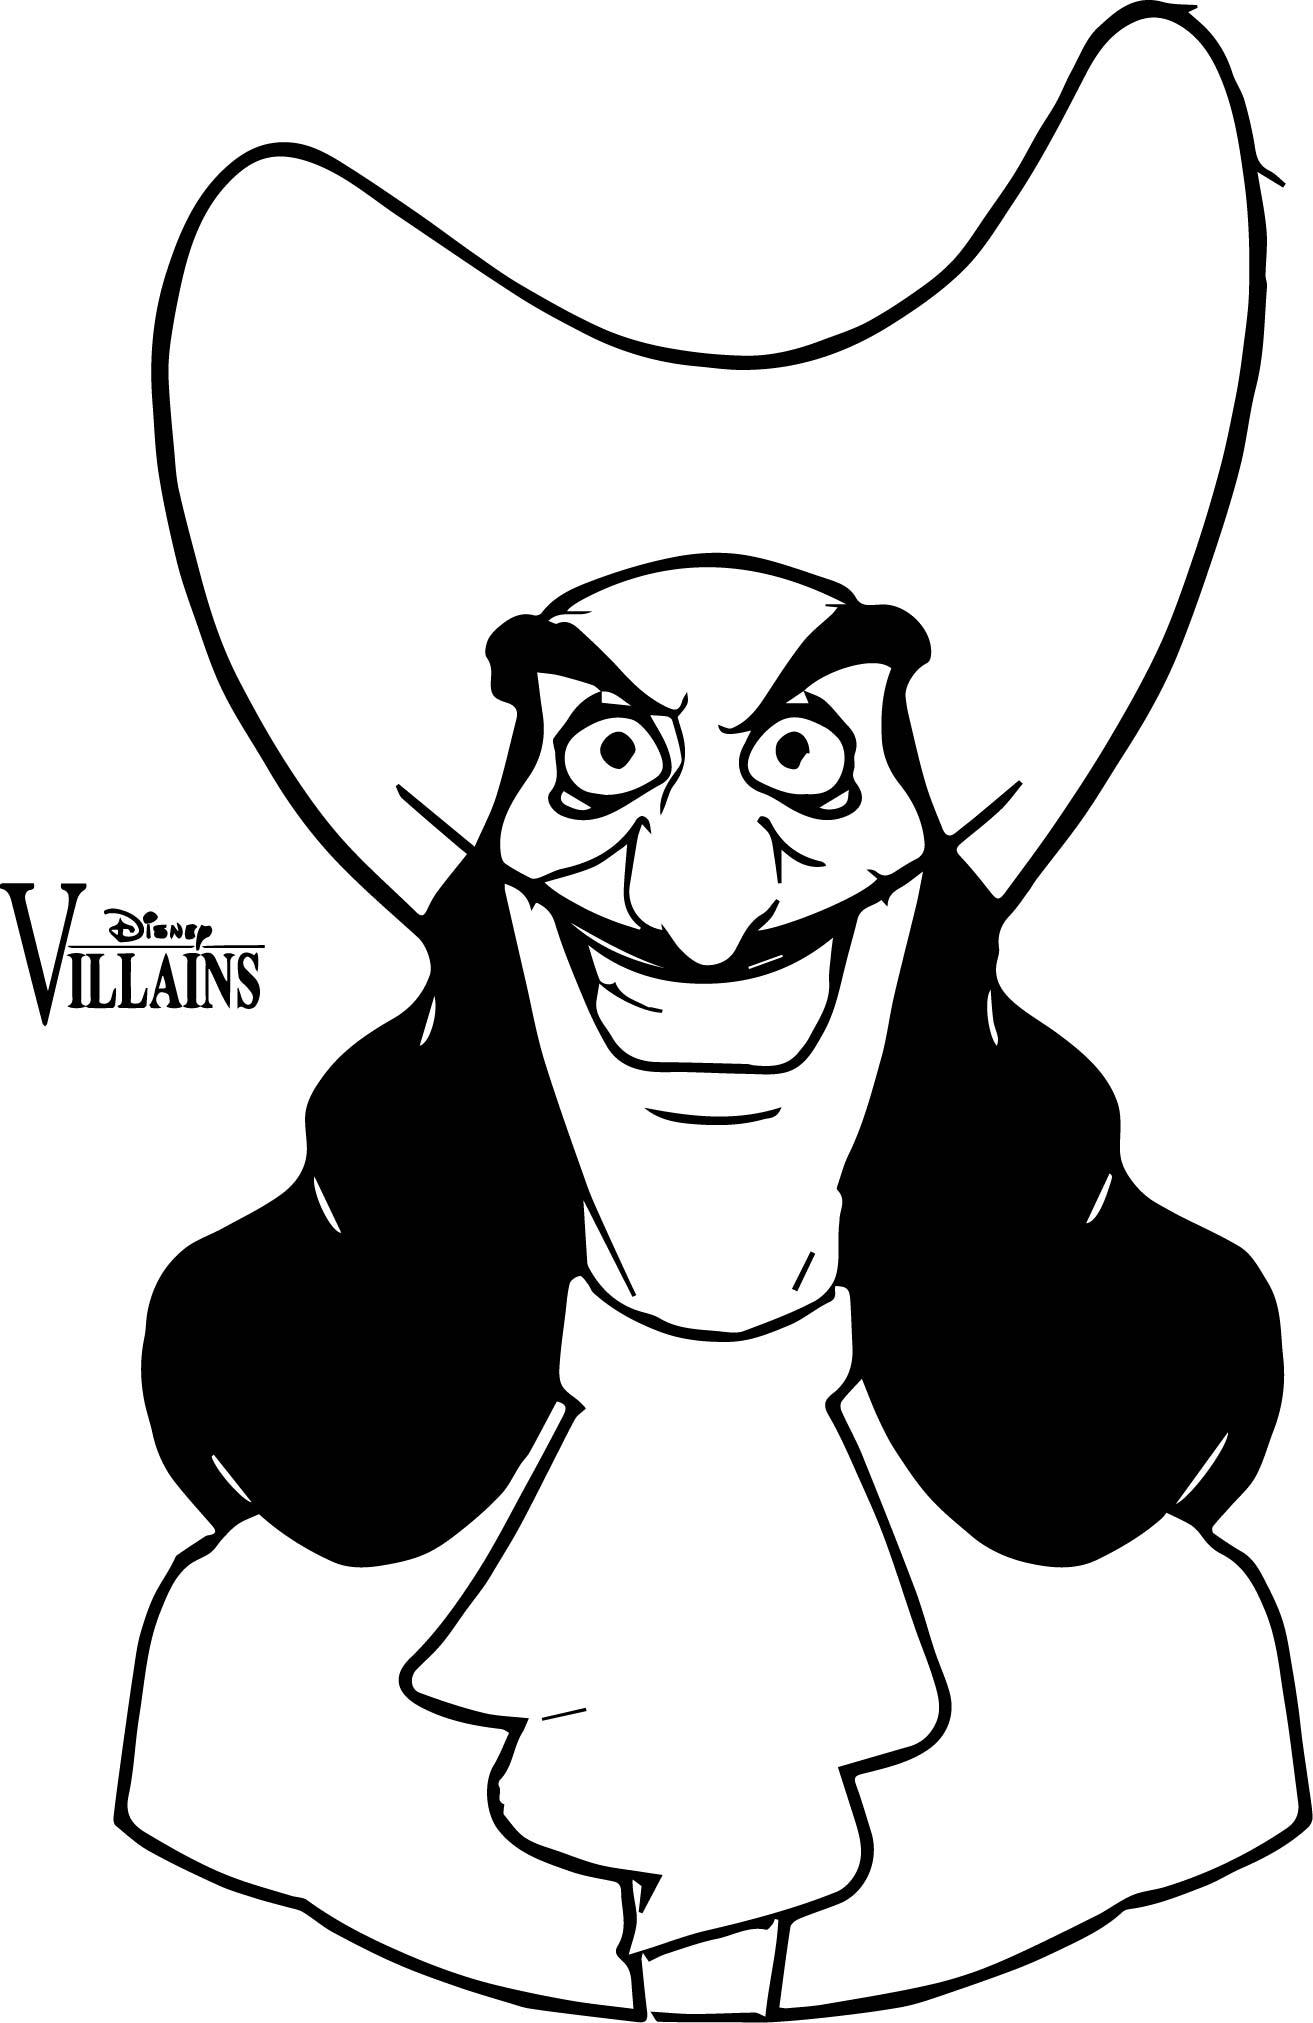 Captain Villains Coloring Page